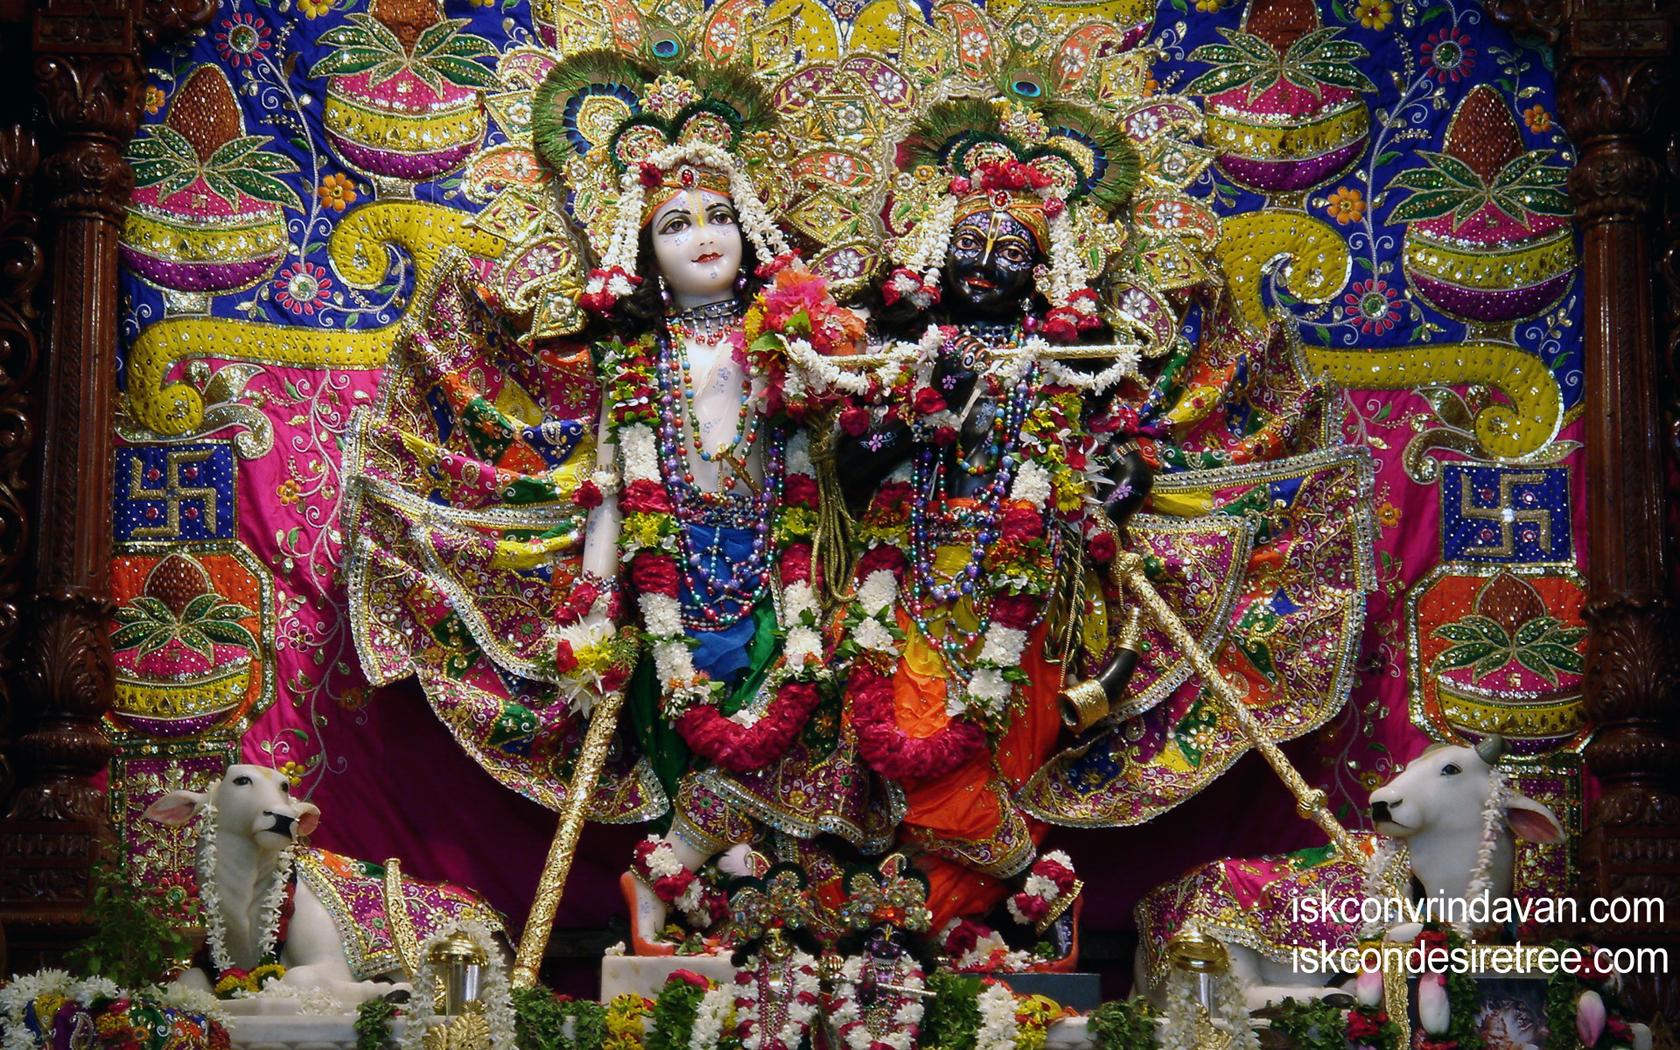 Sri Sri Krishna Balaram Wallpaper (038) Size 1680x1050 Download